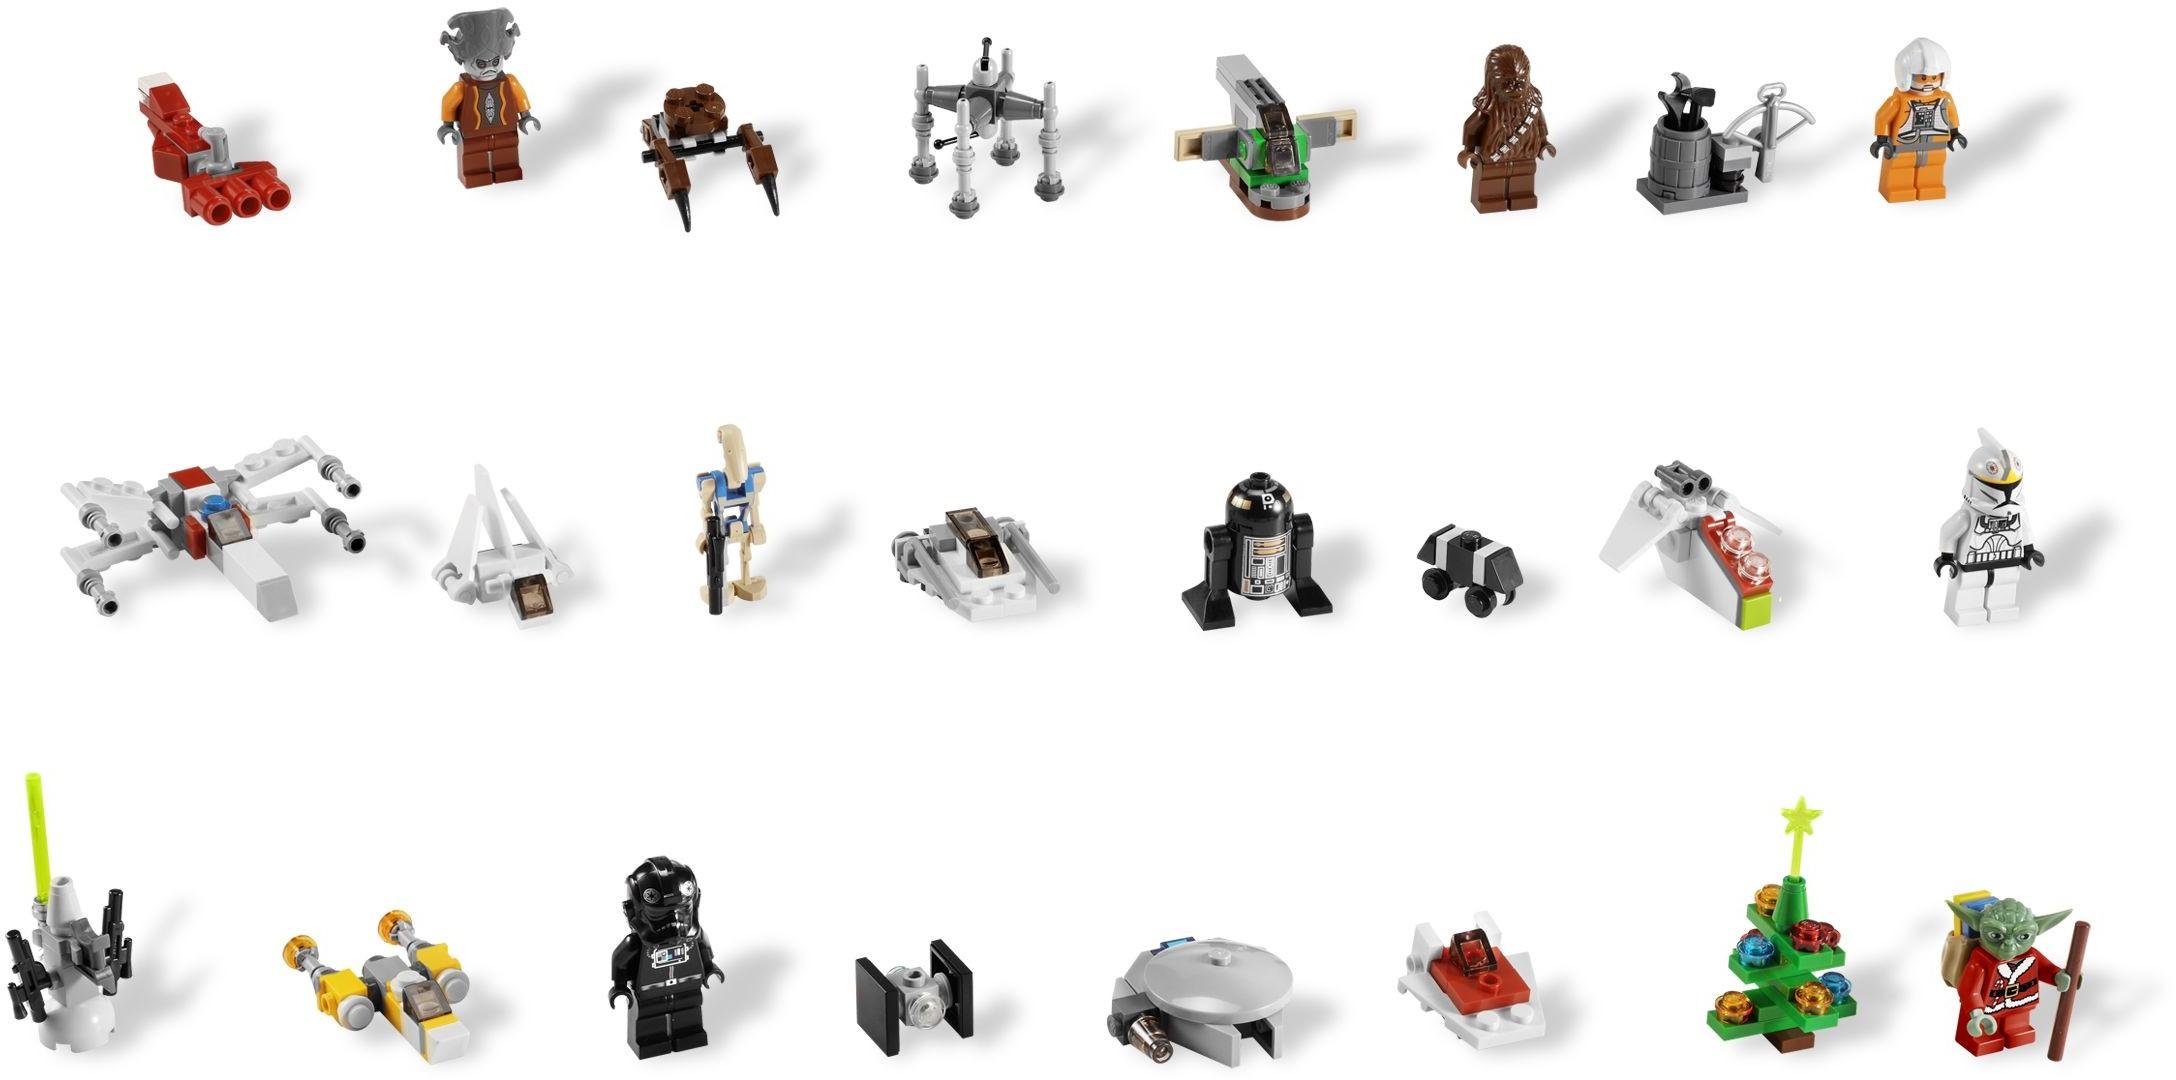 Star Wars Advent Calendar Номер 7958 Из Серии Звездные Войны for Lego 75213 Instructions